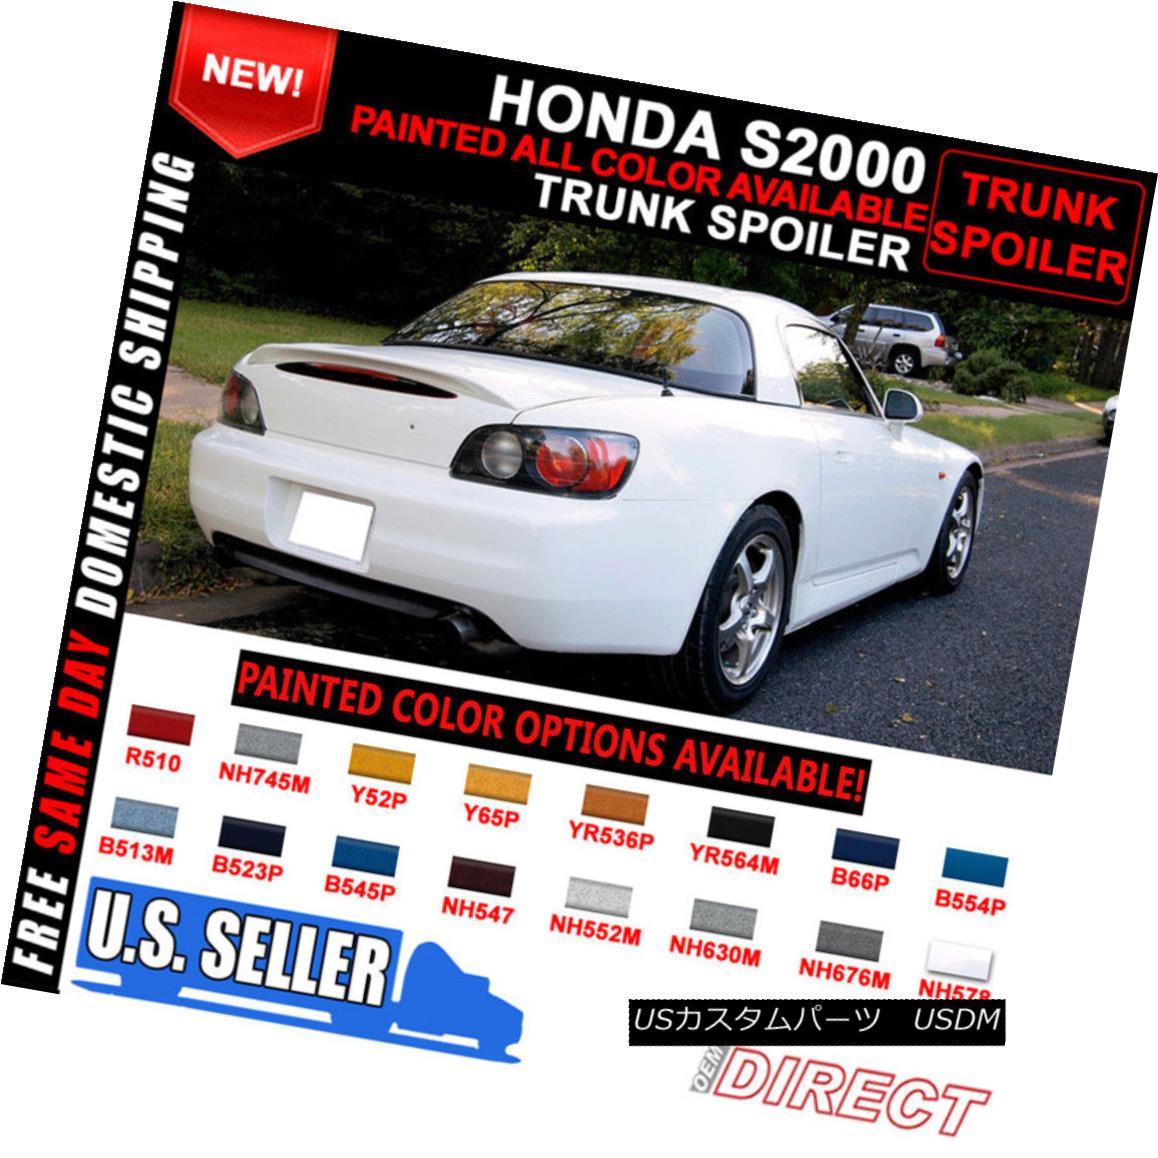 エアロパーツ 00-09 Honda S2000 All Color OEM Painted ABS Rear Trunk Spoiler Wing 00-09ホンダS2000全色OEM塗装ABSリアトラックスポイラーウィング